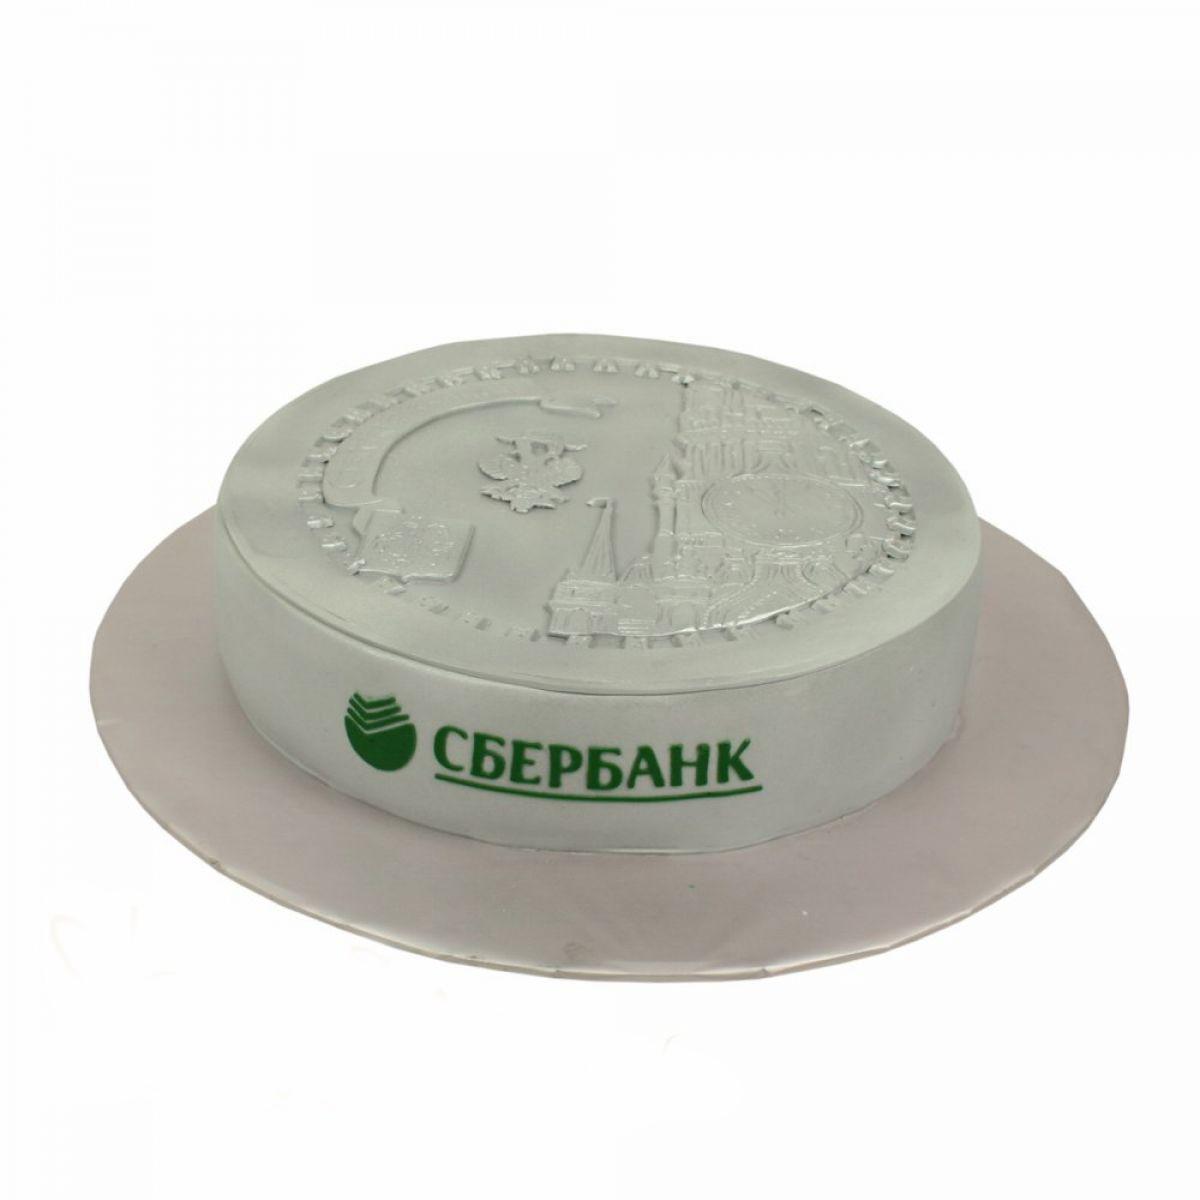 №1374 Торт сбербанк